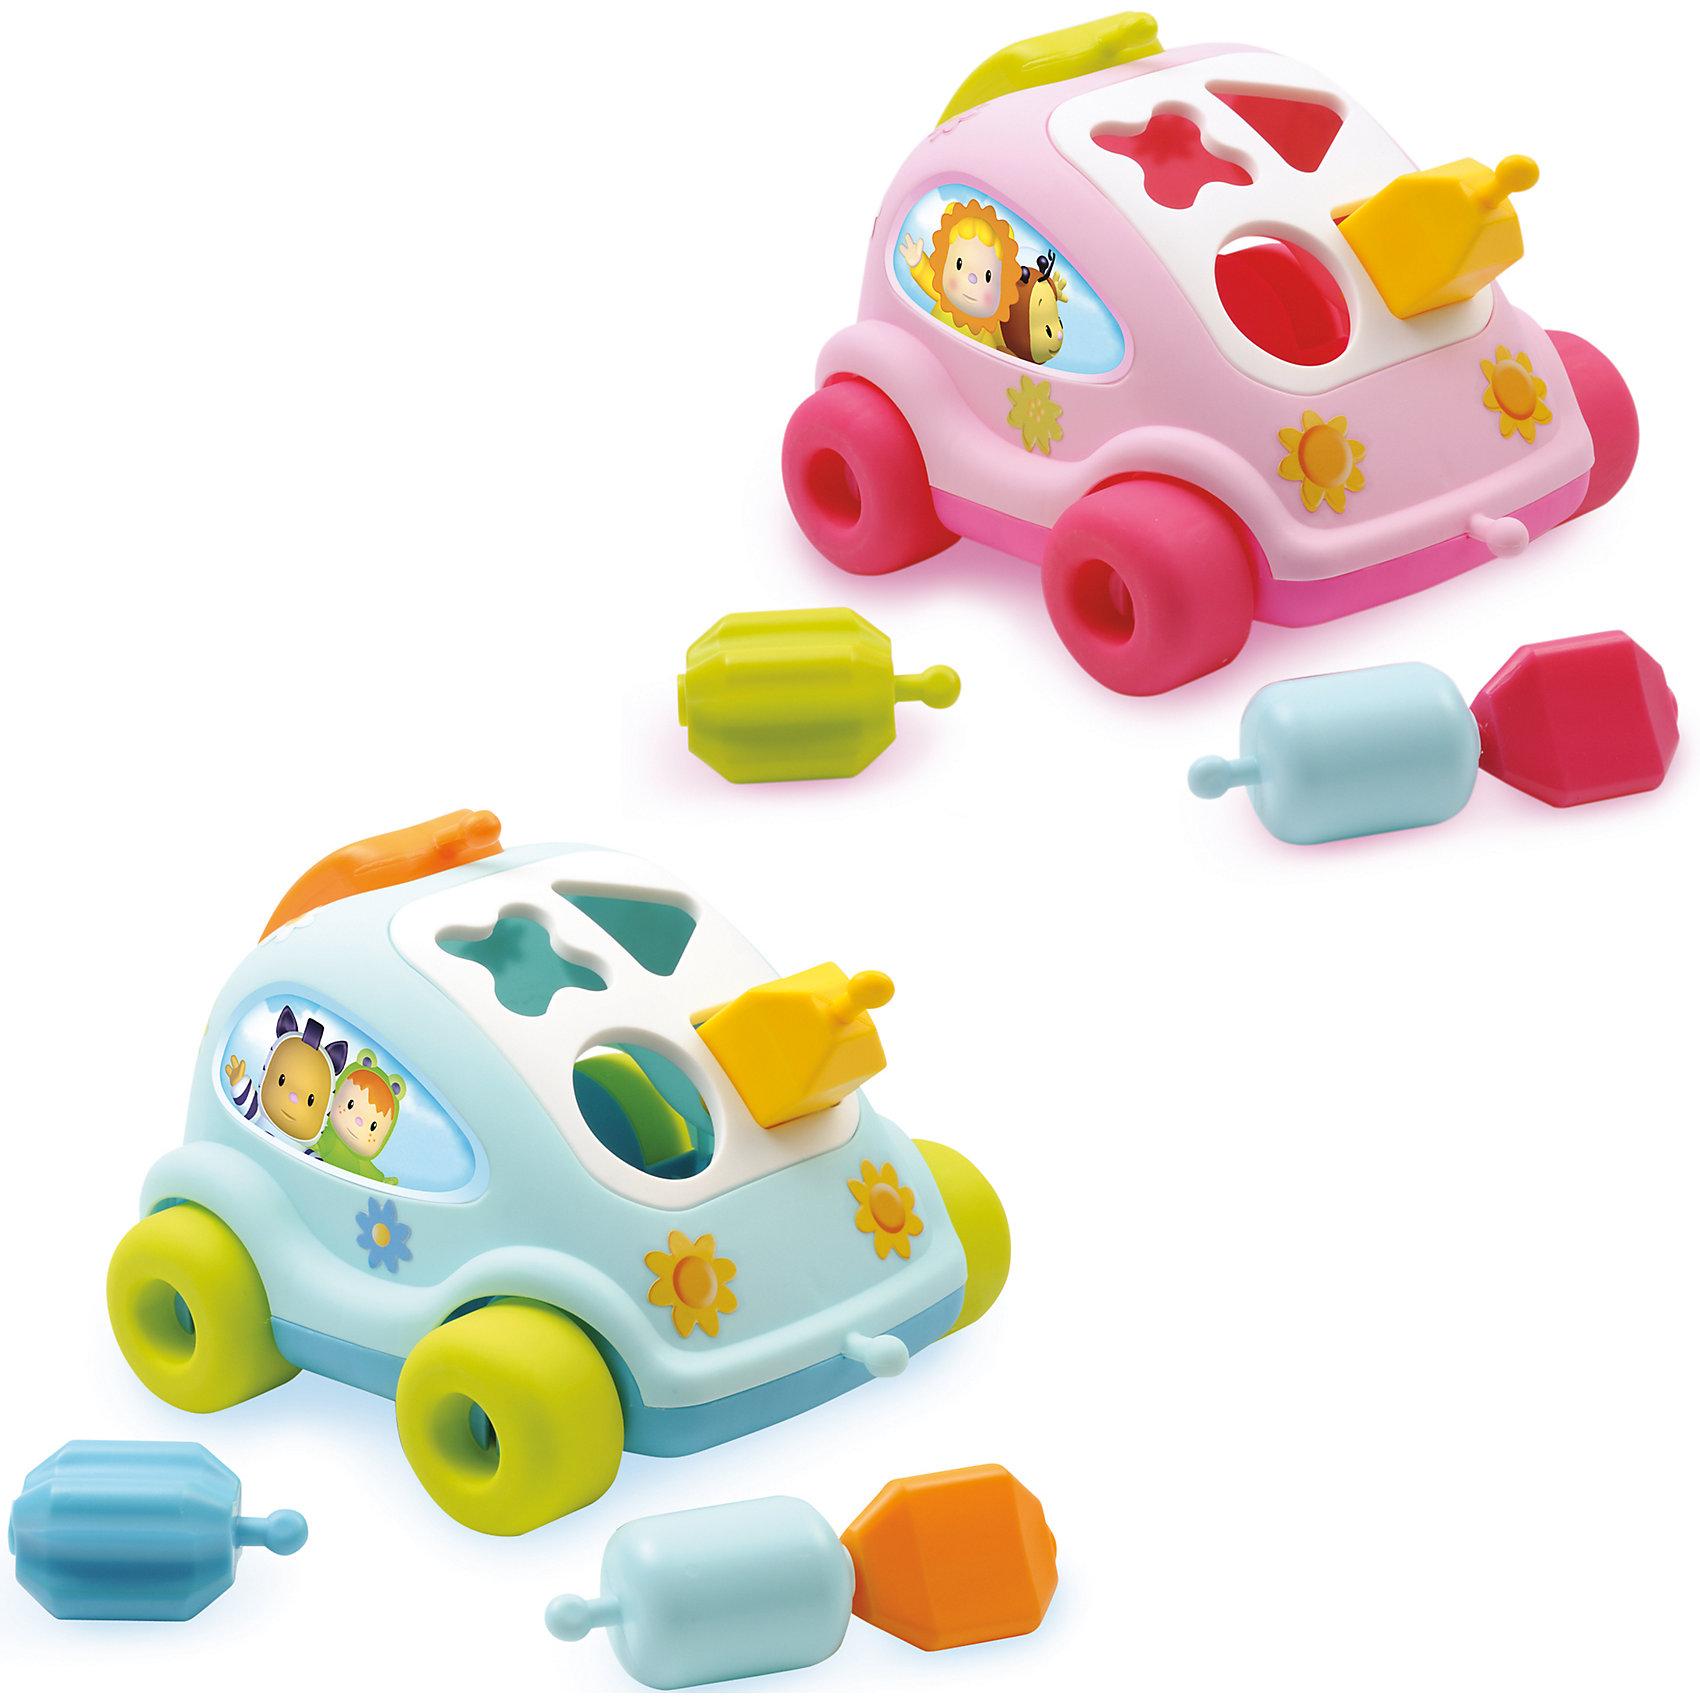 Развивающий автомобиль с фигурками, SmobyРазвивающие игрушки<br>Характеристики товара:<br><br>• возраст от 1 года<br>• материал: пластик<br>• в комплекте: игрушка, 4 фигурки<br>• размер игрушки  21,7х6,7х19 см<br>• размер упаковки21х25х15 см<br>• вес упаковки 700 г.<br>• страна бренда: Франция<br>• страна производитель: Франция<br>• товар представлен в ассортименте<br><br>Развивающий автомобиль с фигурками Smoby — развивающая игрушка сортер для малышей от 1 года. На передней панели автомобиля расположены отверстия определенной формы, в которые нужно вставлять подходящие фигурки. Малыш в процессе игры учится различать формы и цвета. У него развиваются мелкая моторика рук, тактильные ощущения, зрительное восприятие, логическое мышление. <br><br>Все фигурки соединяются между собой и присоединяются к автомобилю. Держа за цепочку, ребенок будет возить автомобиль как каталку. Багажник машинки превращается в сотовый телефон. Игрушка изготовлена из безопасного гипоаллергенного пластика и не имеет острых углов.<br><br>Развивающий автомобиль с фигурками Smoby можно приобрести в нашем интернет-магазине.<br><br>Ширина мм: 150<br>Глубина мм: 250<br>Высота мм: 210<br>Вес г: 700<br>Возраст от месяцев: 12<br>Возраст до месяцев: 2147483647<br>Пол: Унисекс<br>Возраст: Детский<br>SKU: 5544432